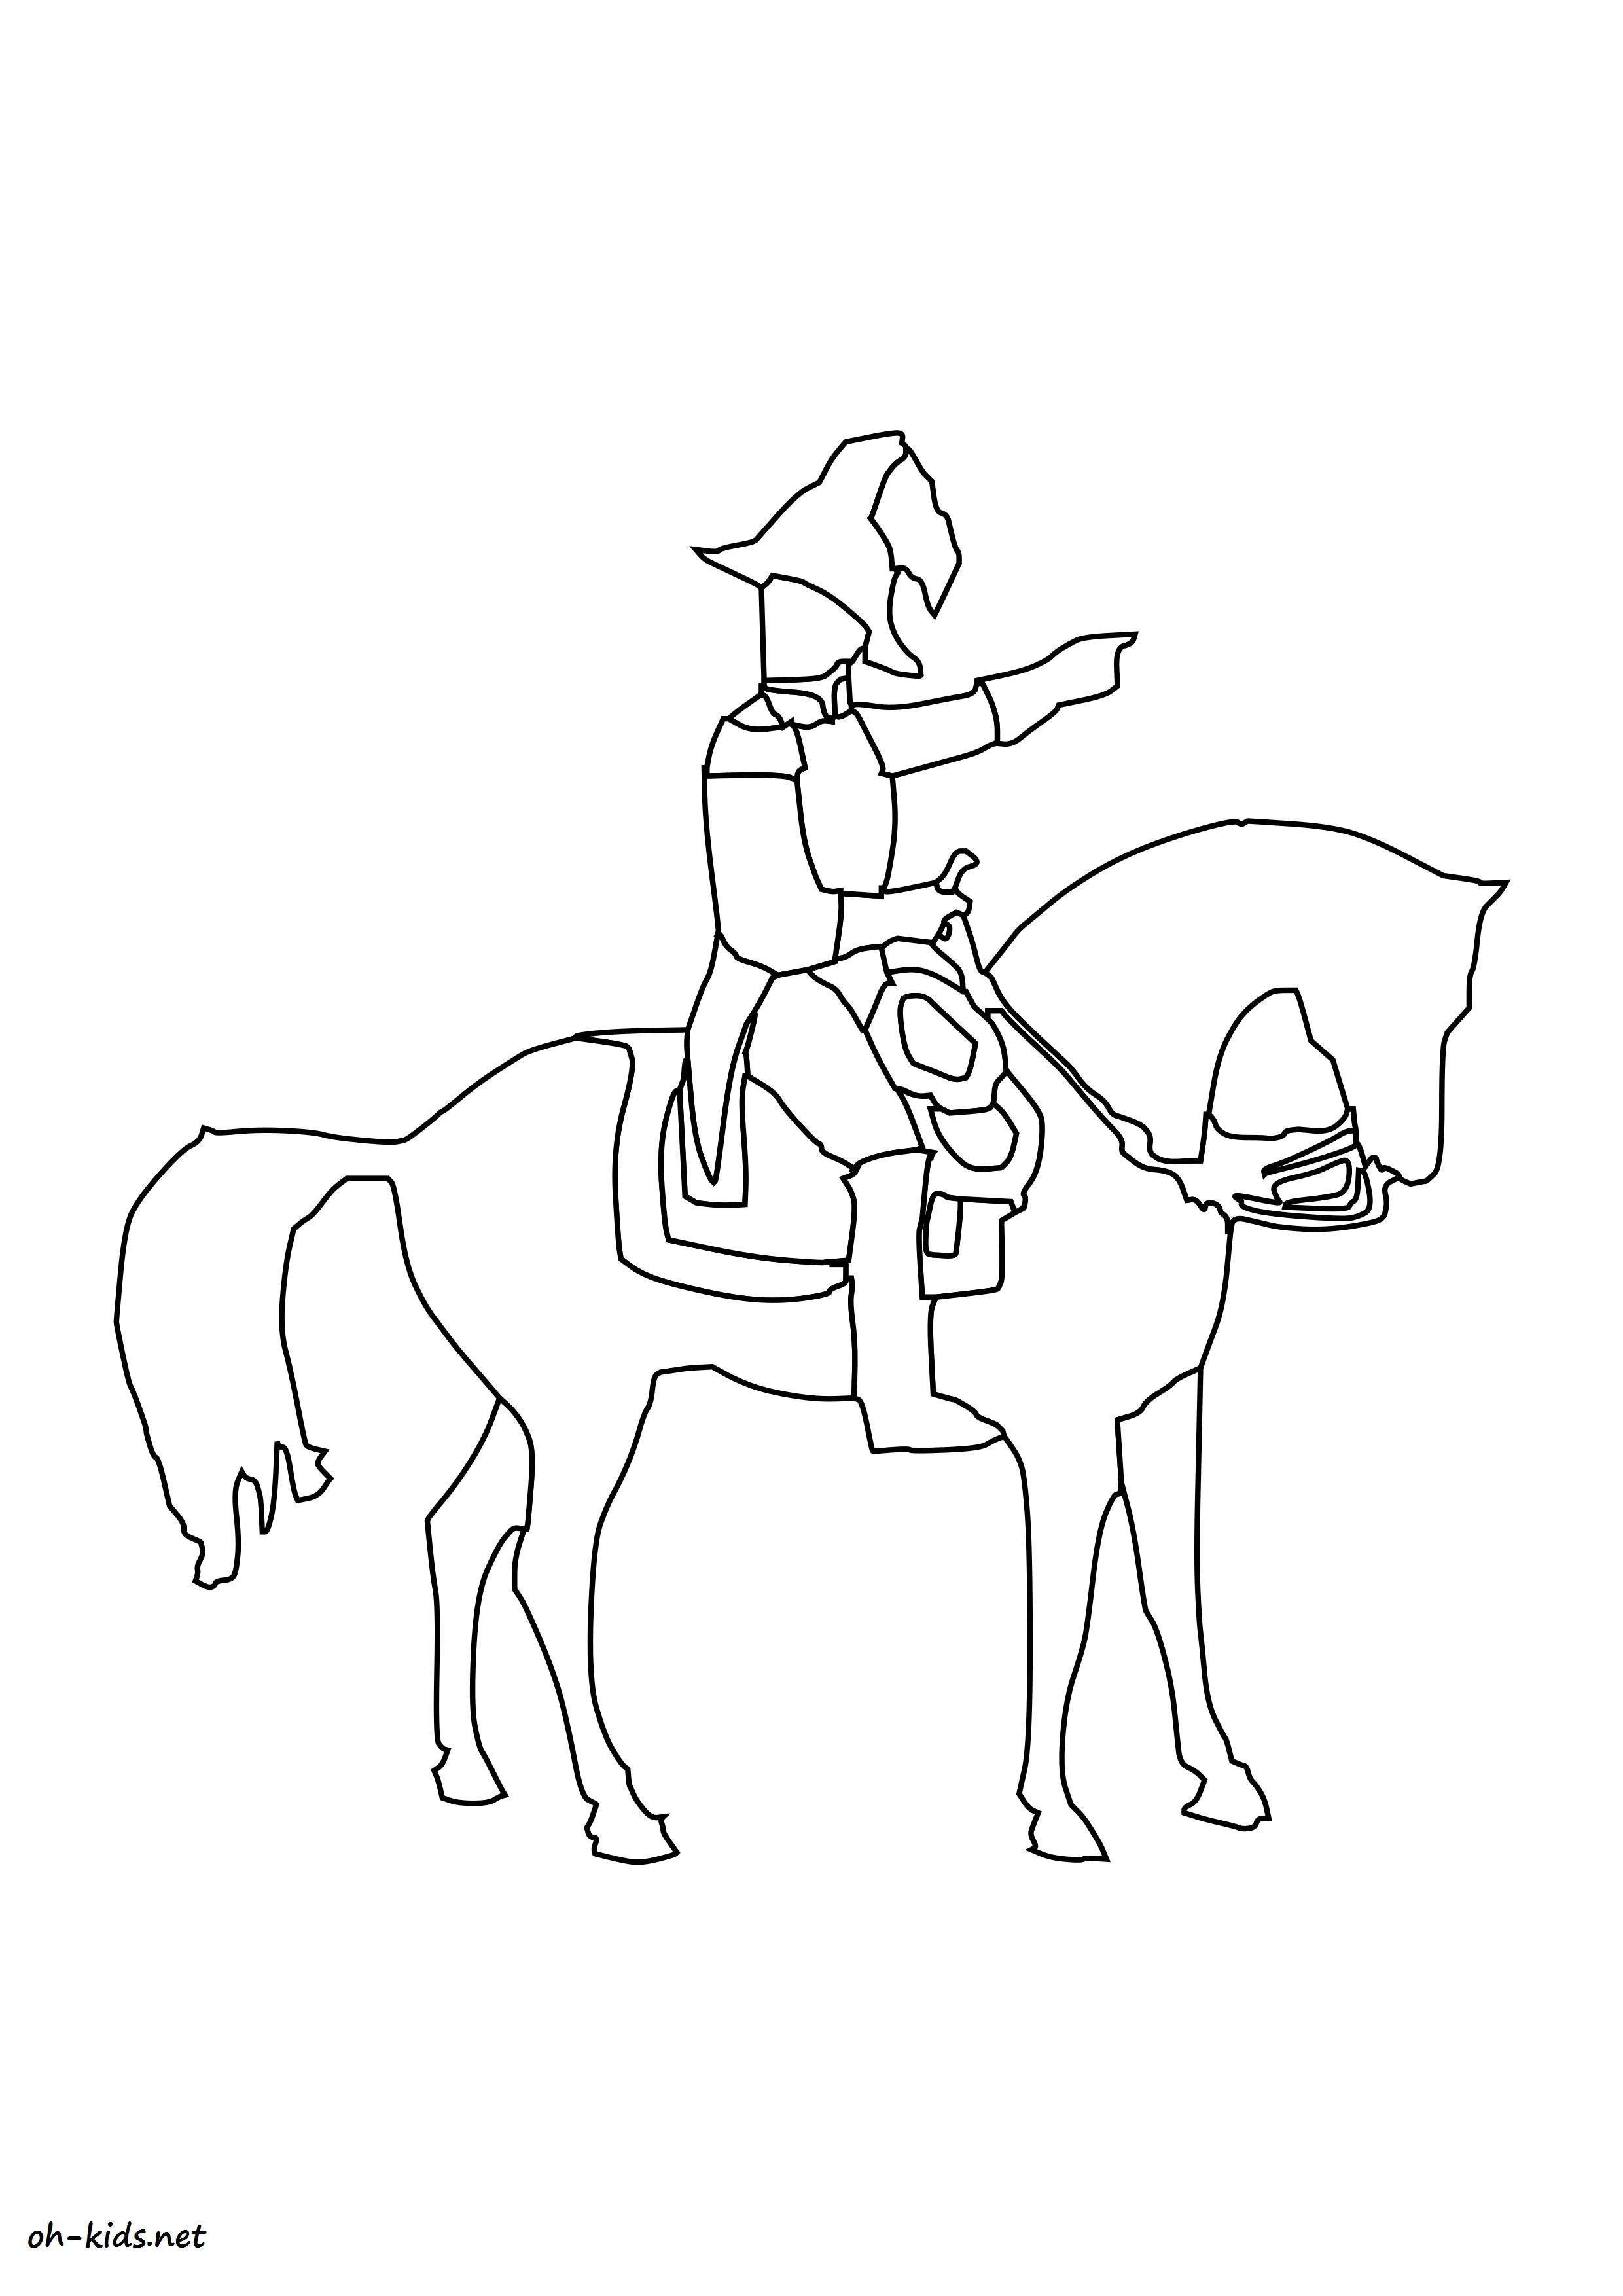 Activité de coloriage équitation gratuit a imprimer et colorier - Dessin #1374